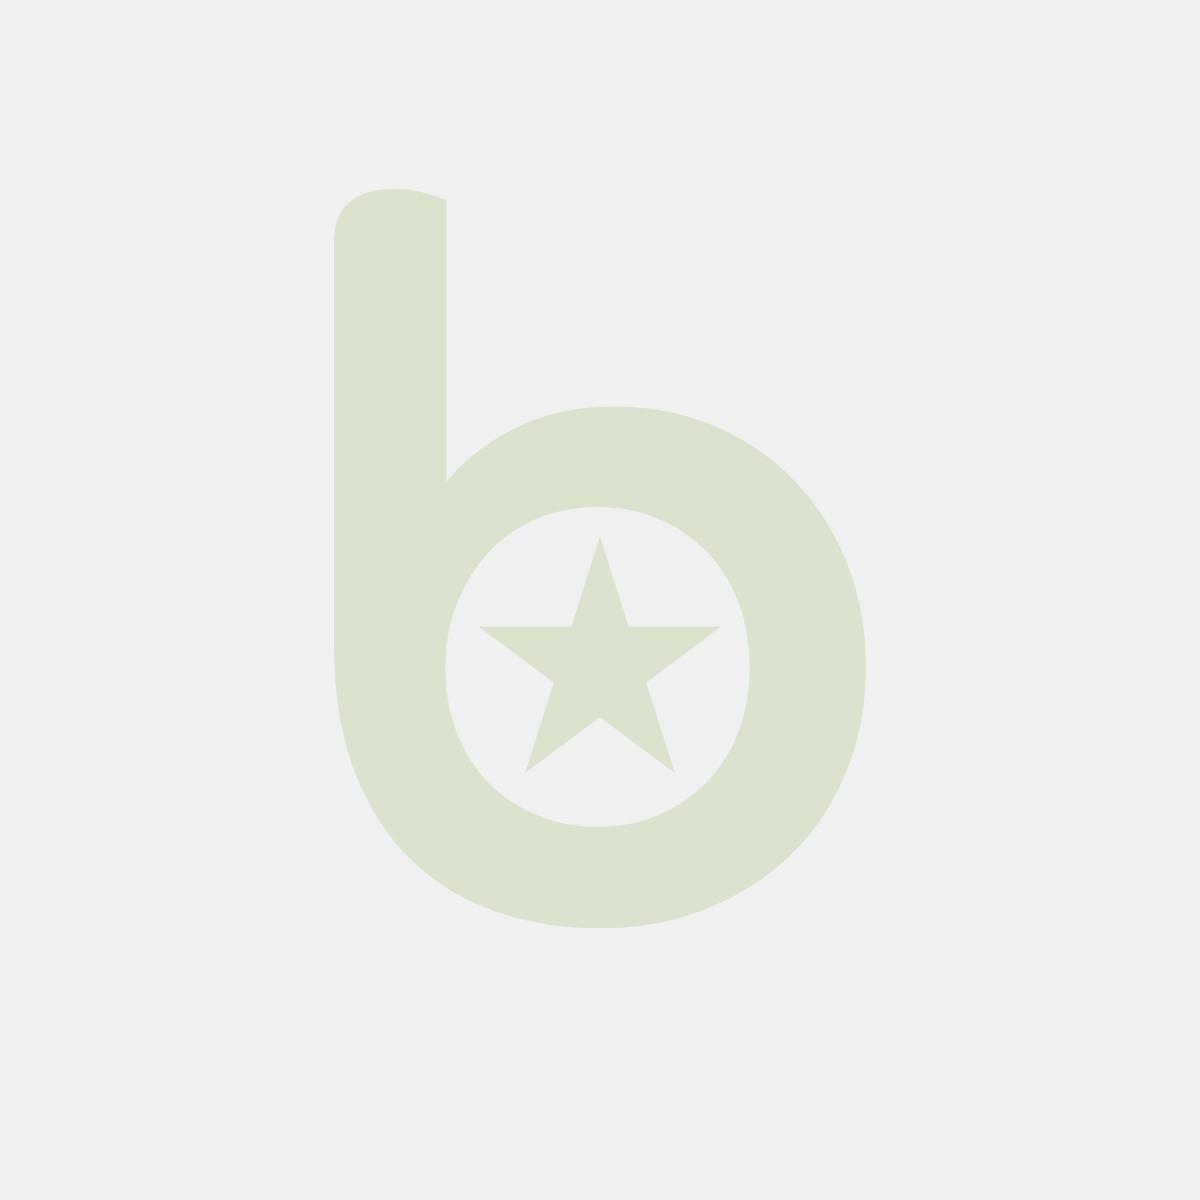 Bloczek samoprzylepny POST-IT® Super Sticky w linie (675-SS6RIO-EU), 101x101mm, 6x90 kart., paleta Rio de Janeiro